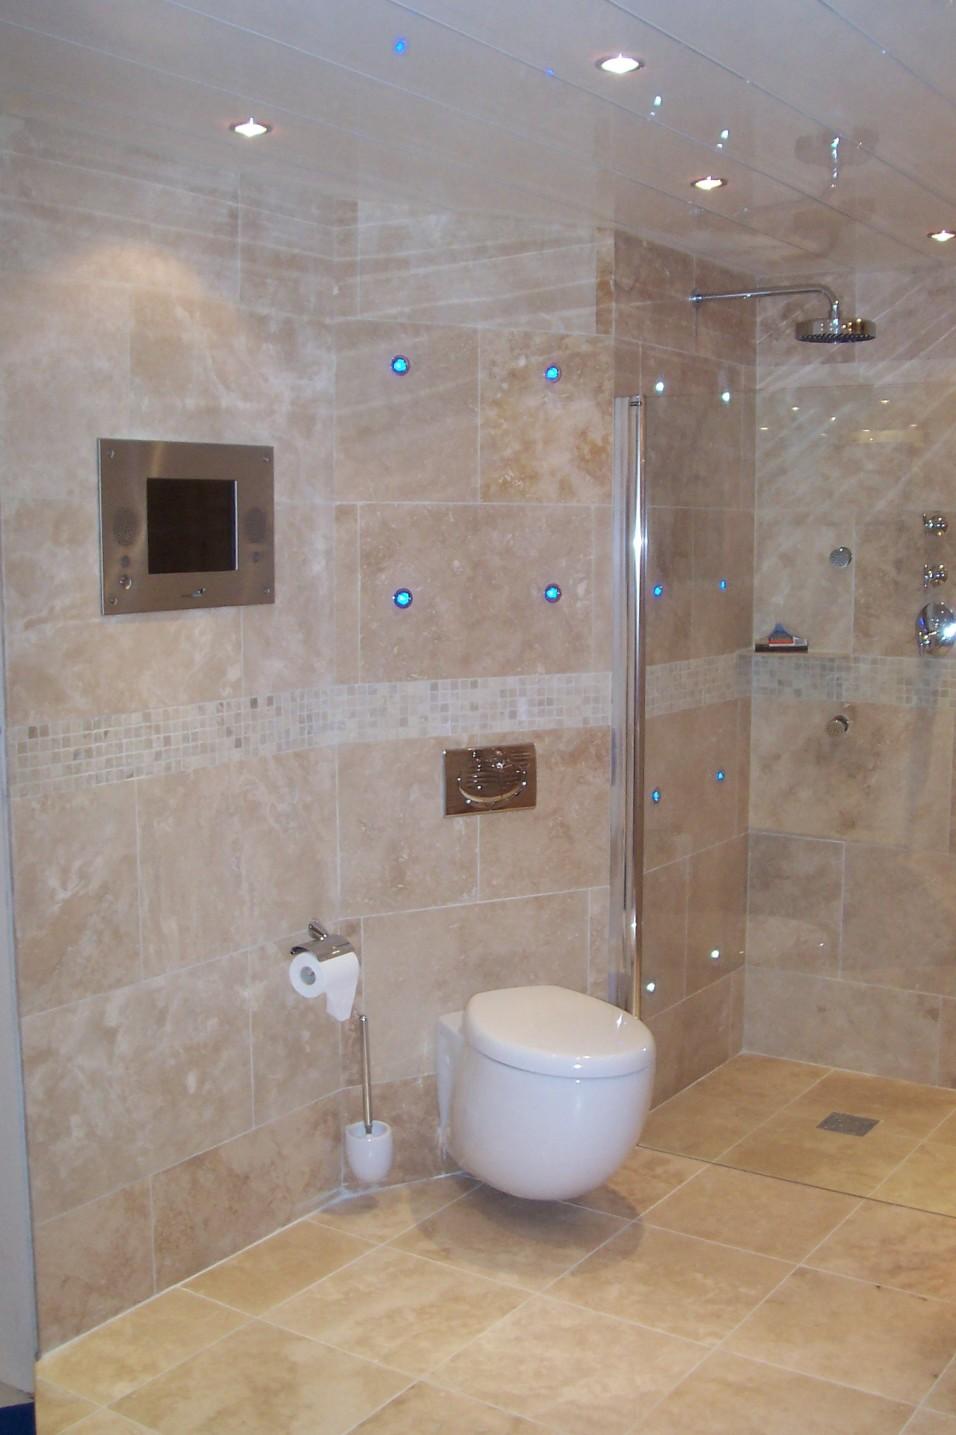 chablis-60x40cm-travertine-chiaro-mosaic-2_3x2_3cm-wall-chablis-40x40cm-floor1